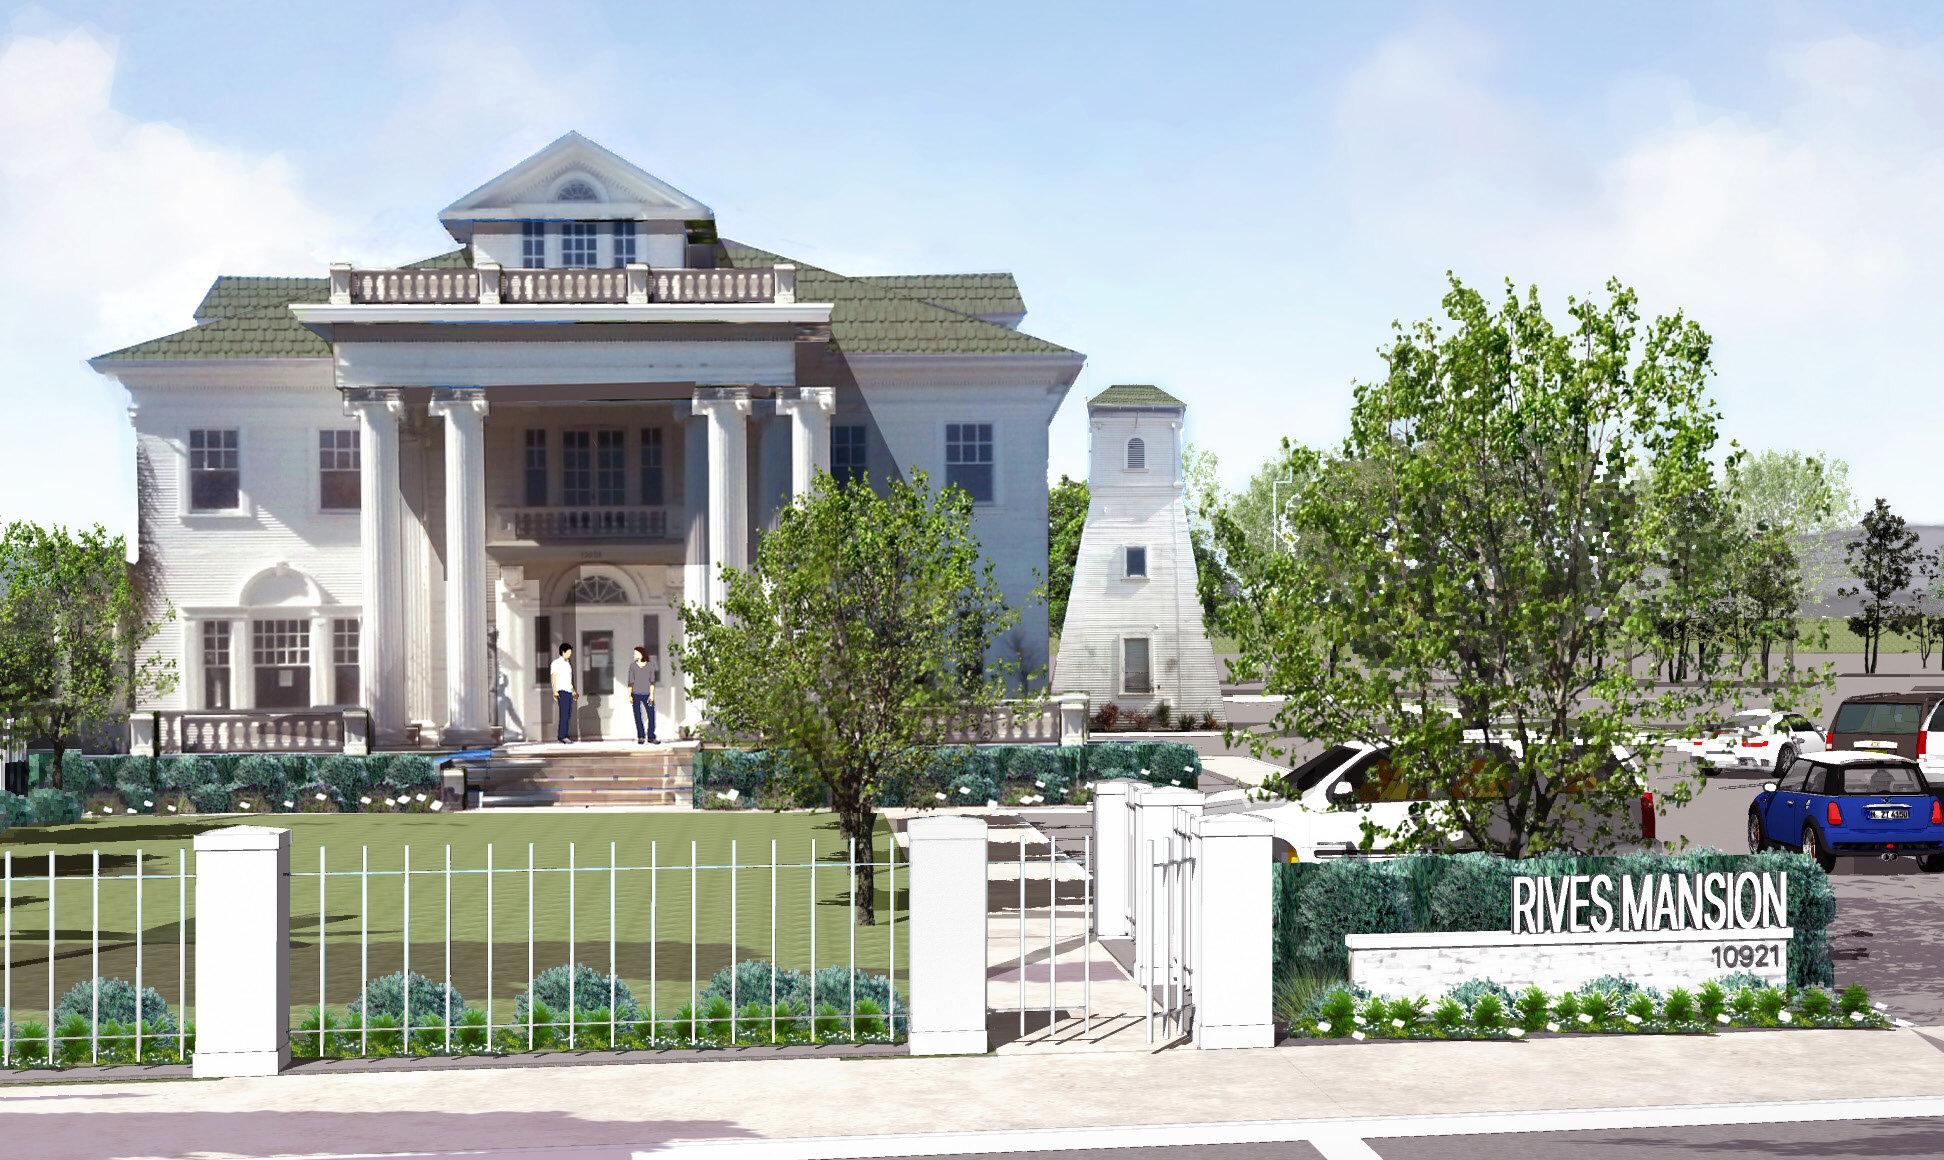 Rives mansion after.jpg